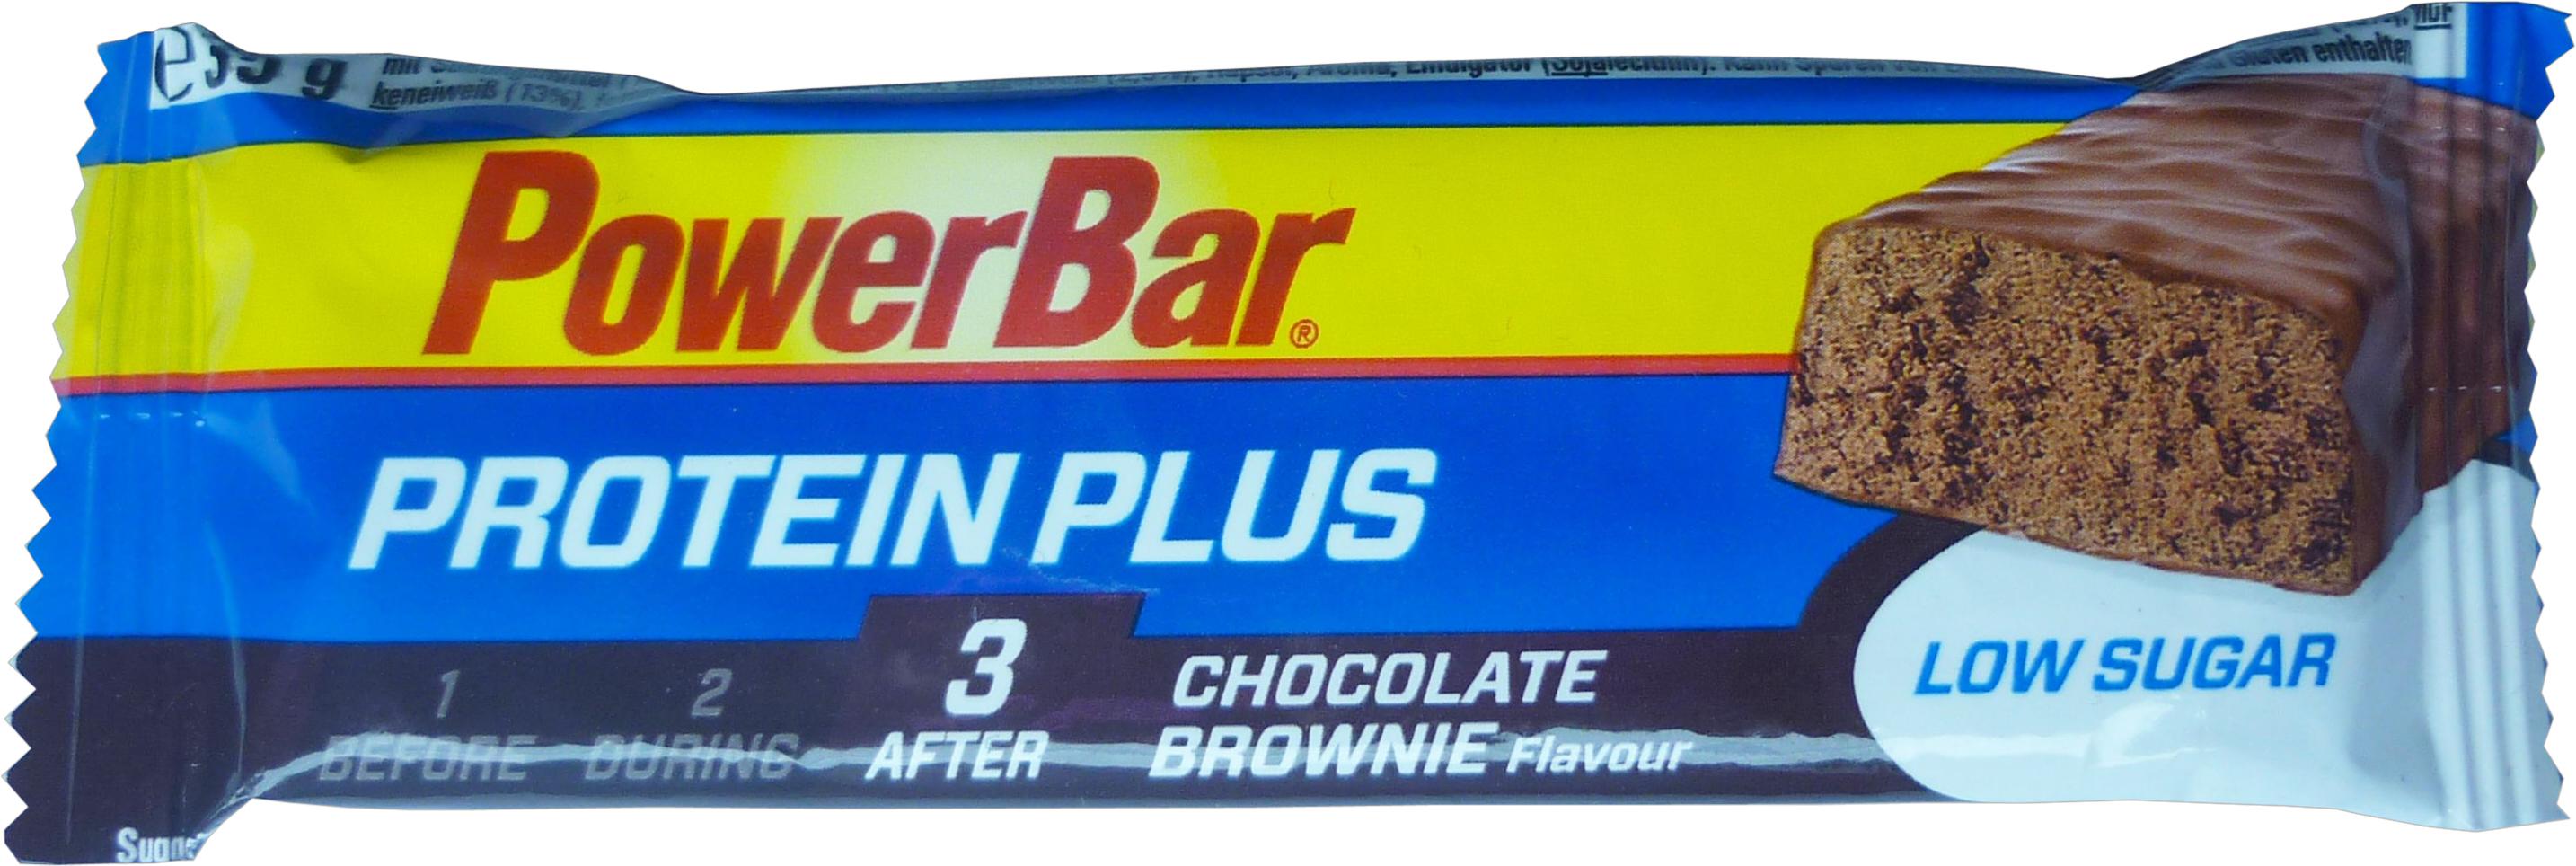 PowerBar - Chocolate Brownie